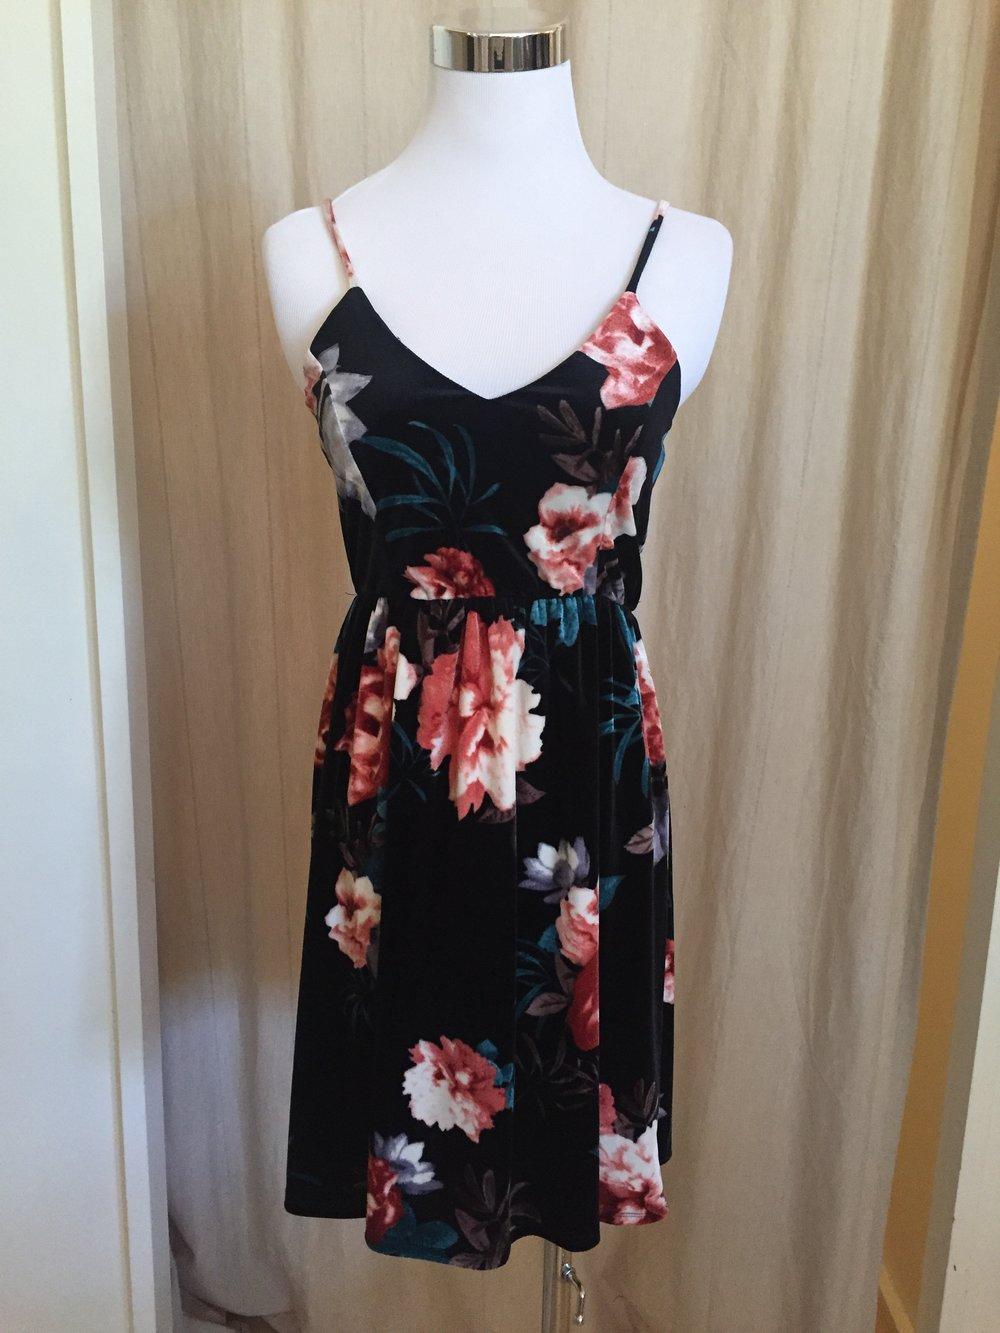 Sweetheart Velvet Dress (also in lilac), $38